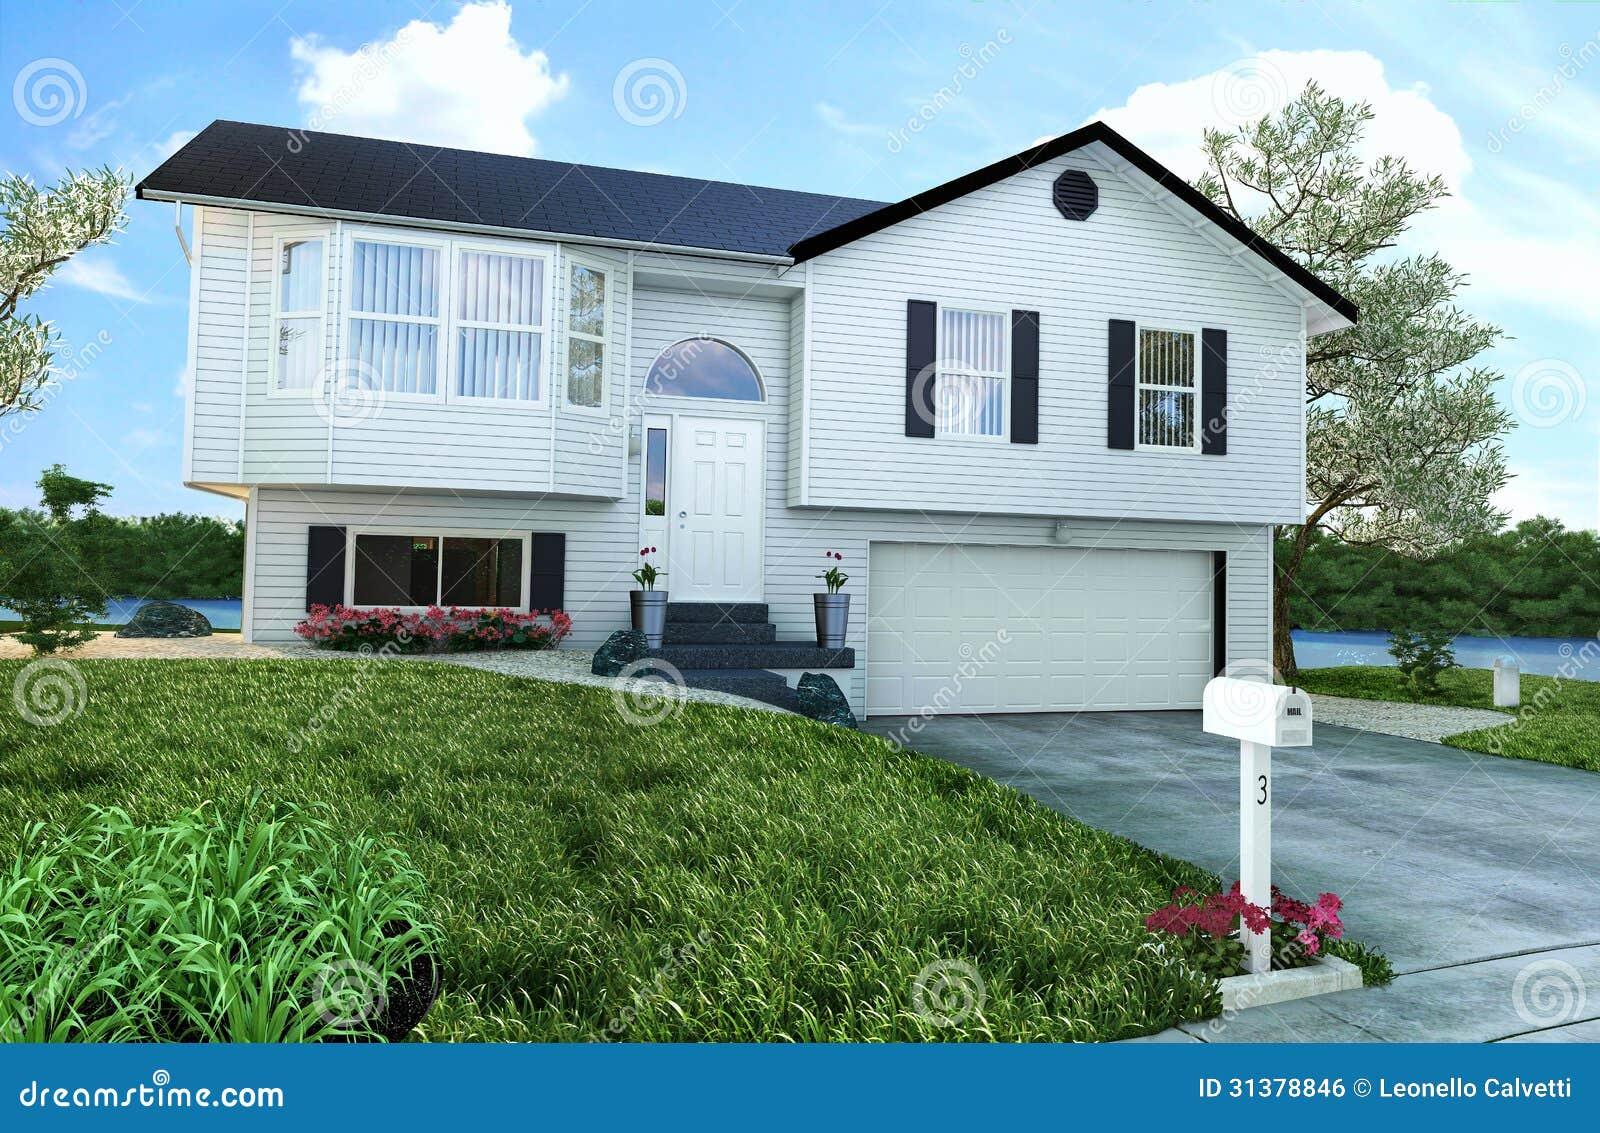 Typisches Amerikanisches Holzhaus Mit Garten Baumen Und Einem Fluss